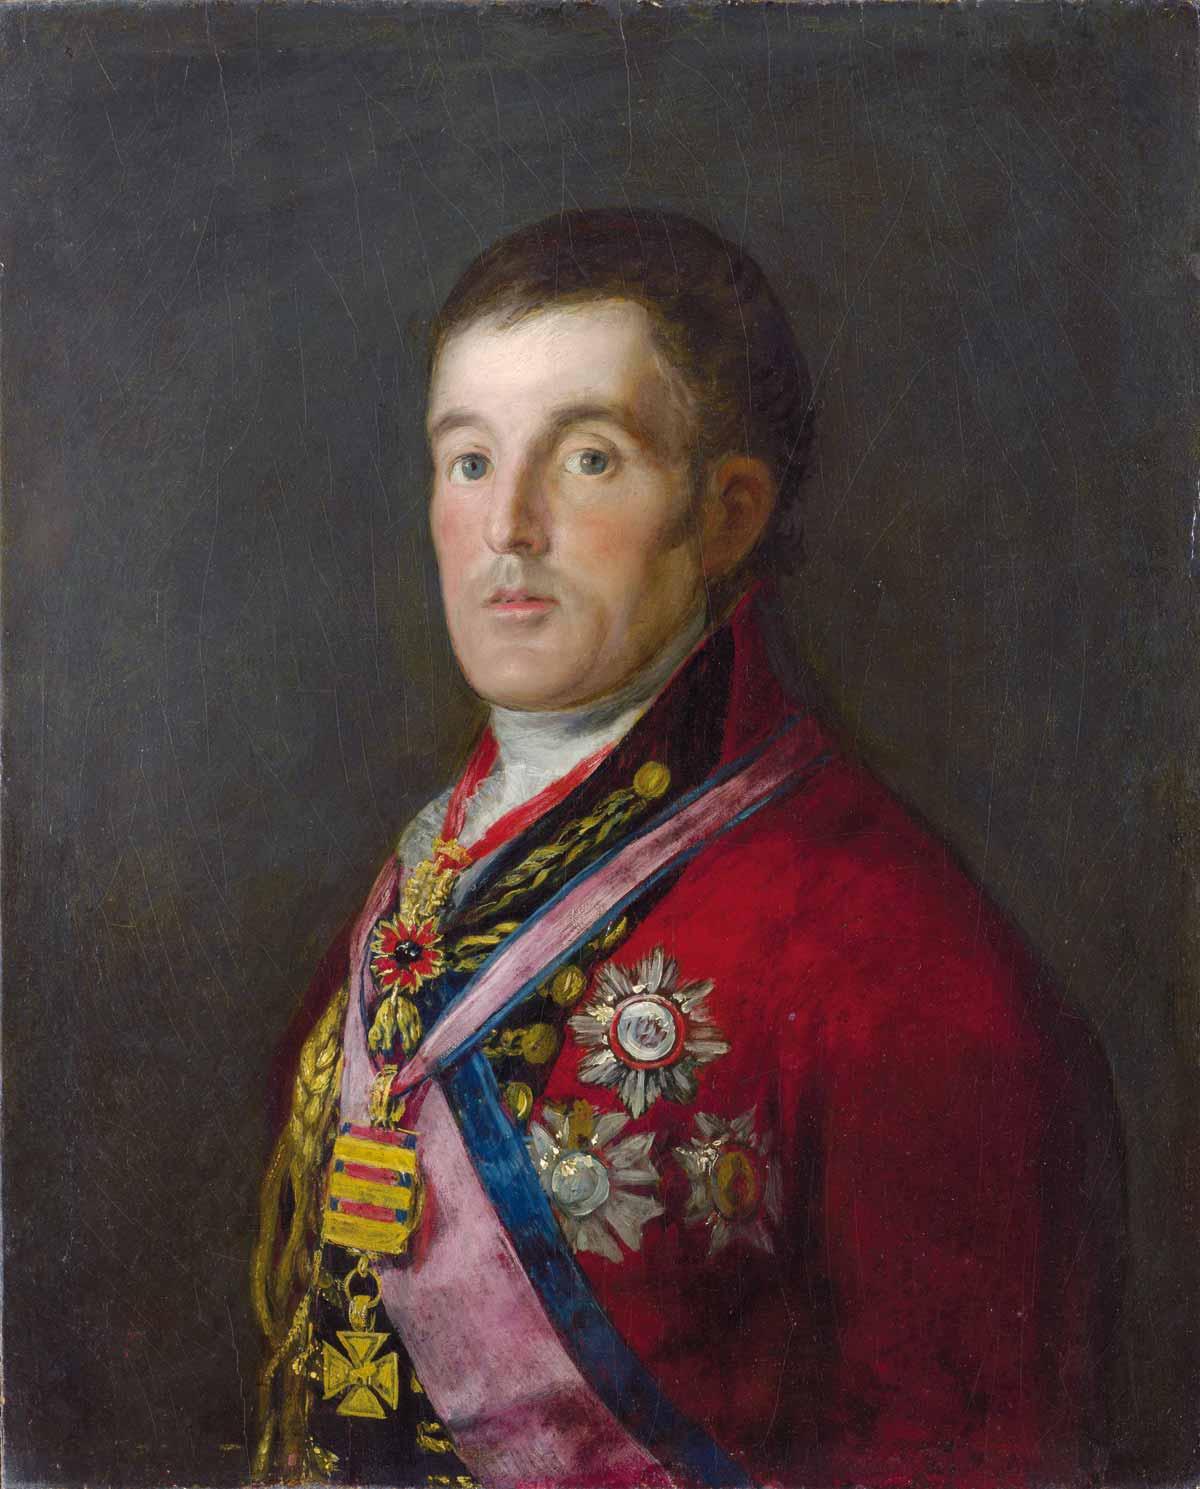 Gestohlenes Gemälde von Goya: Herzog von Wellington (1814)